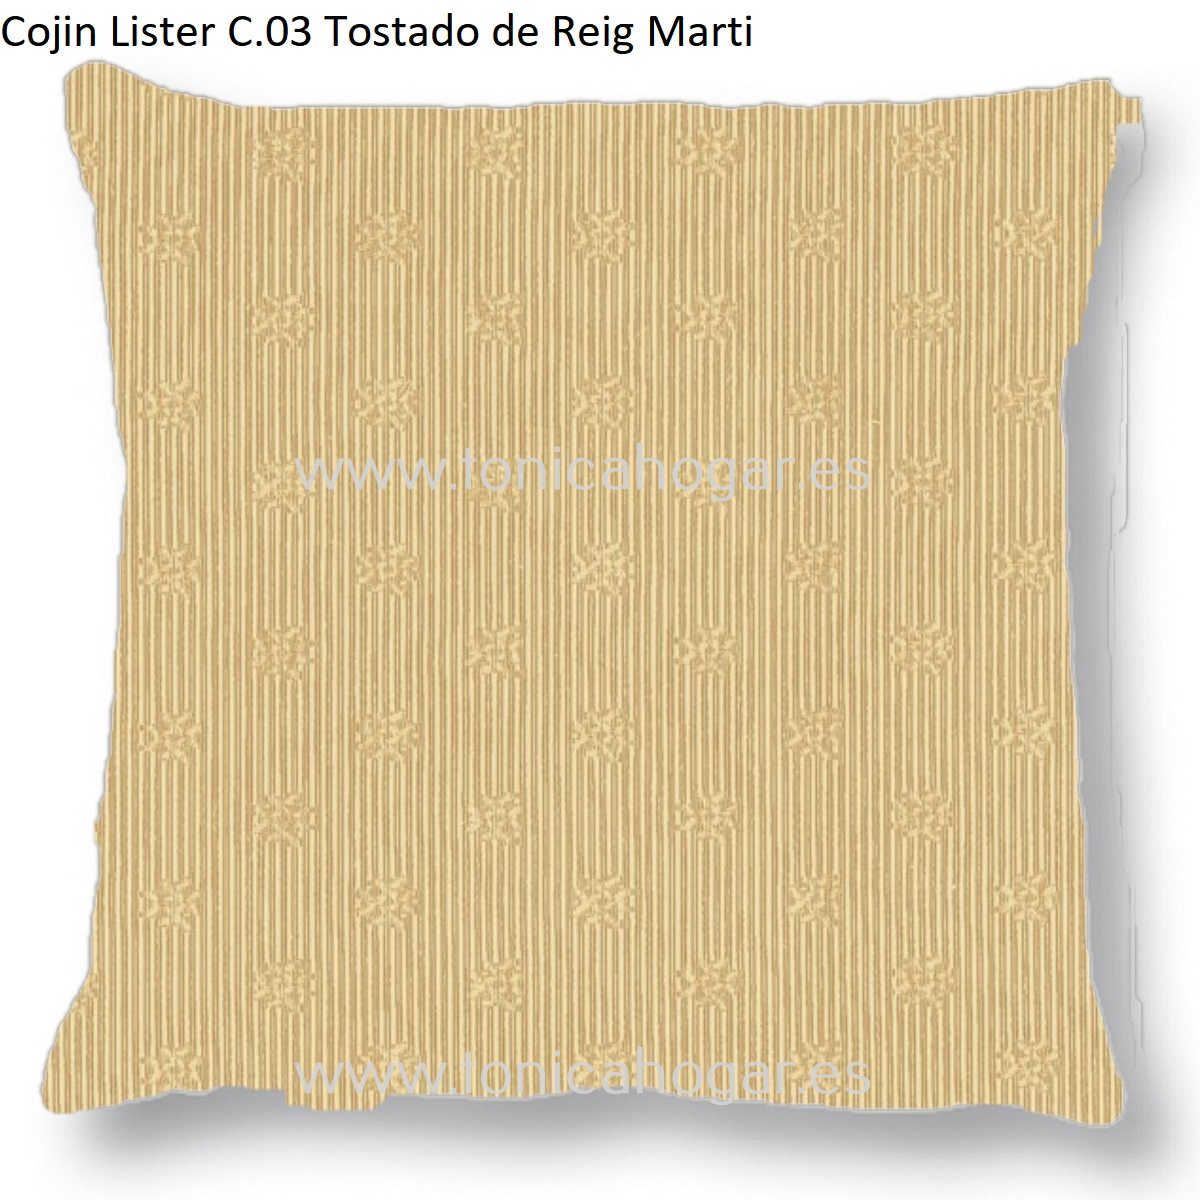 Cojín LISTER CT de Reig Marti Tostado Cojín 55x55